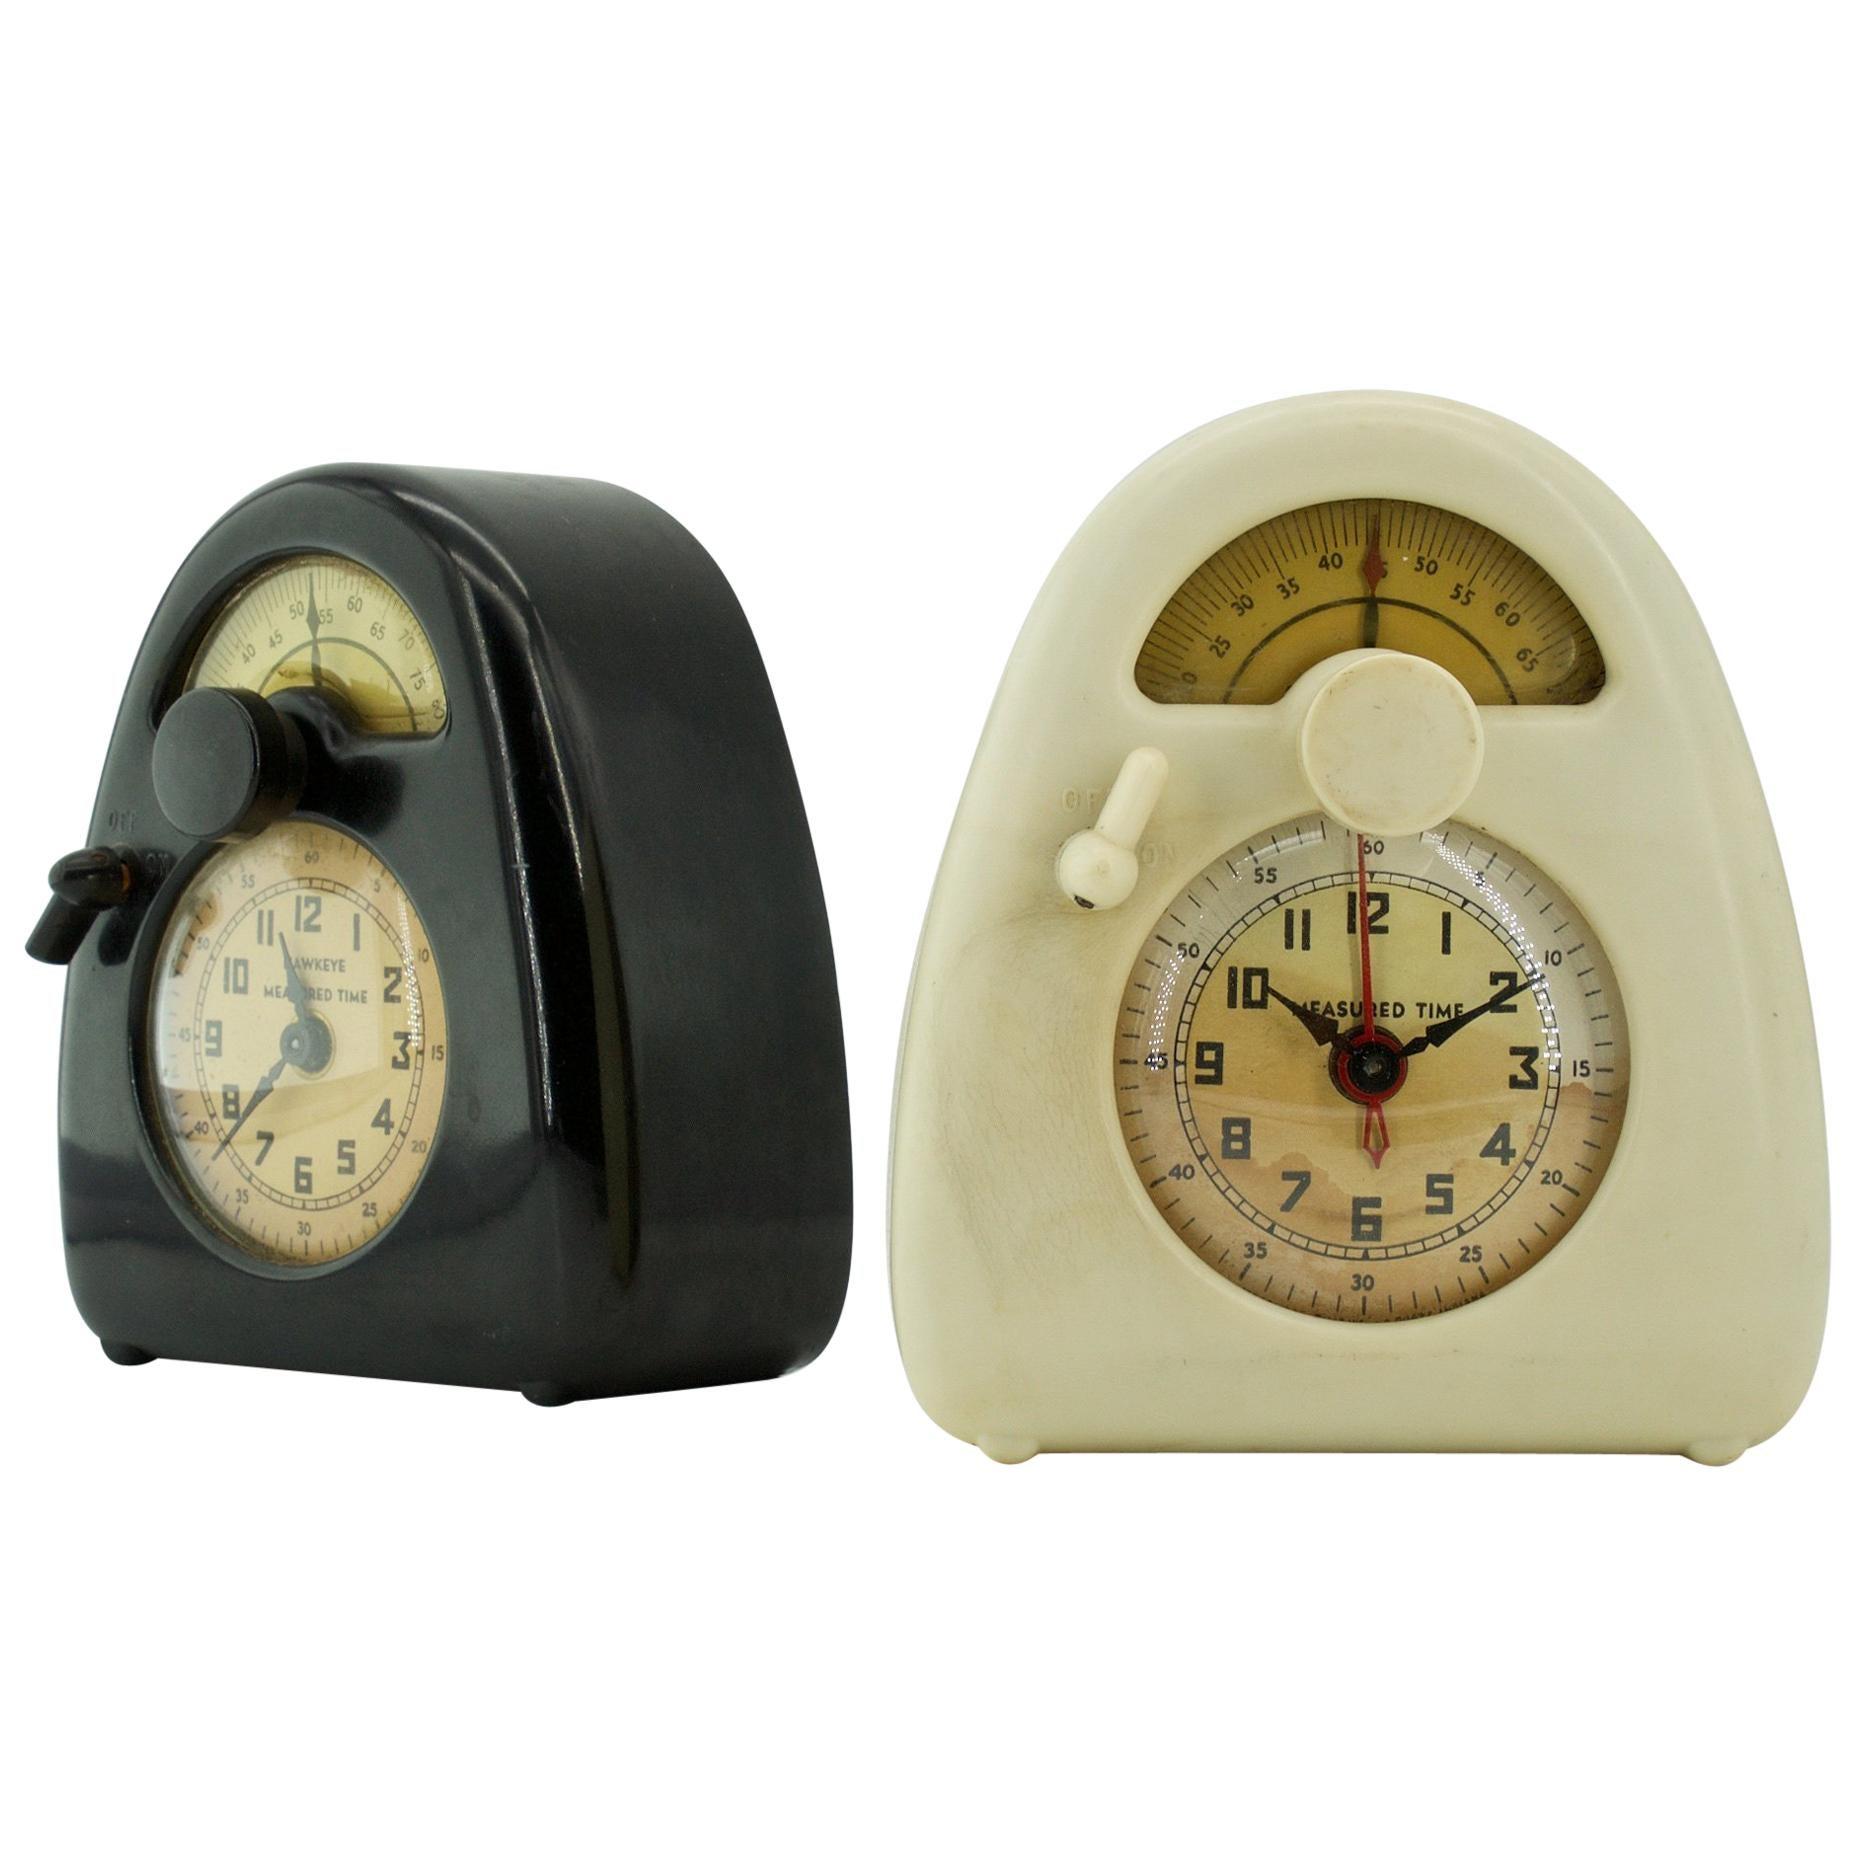 1940s Isamu Noguchi Black+White Train Clock Modernist Japanese Industrial Design